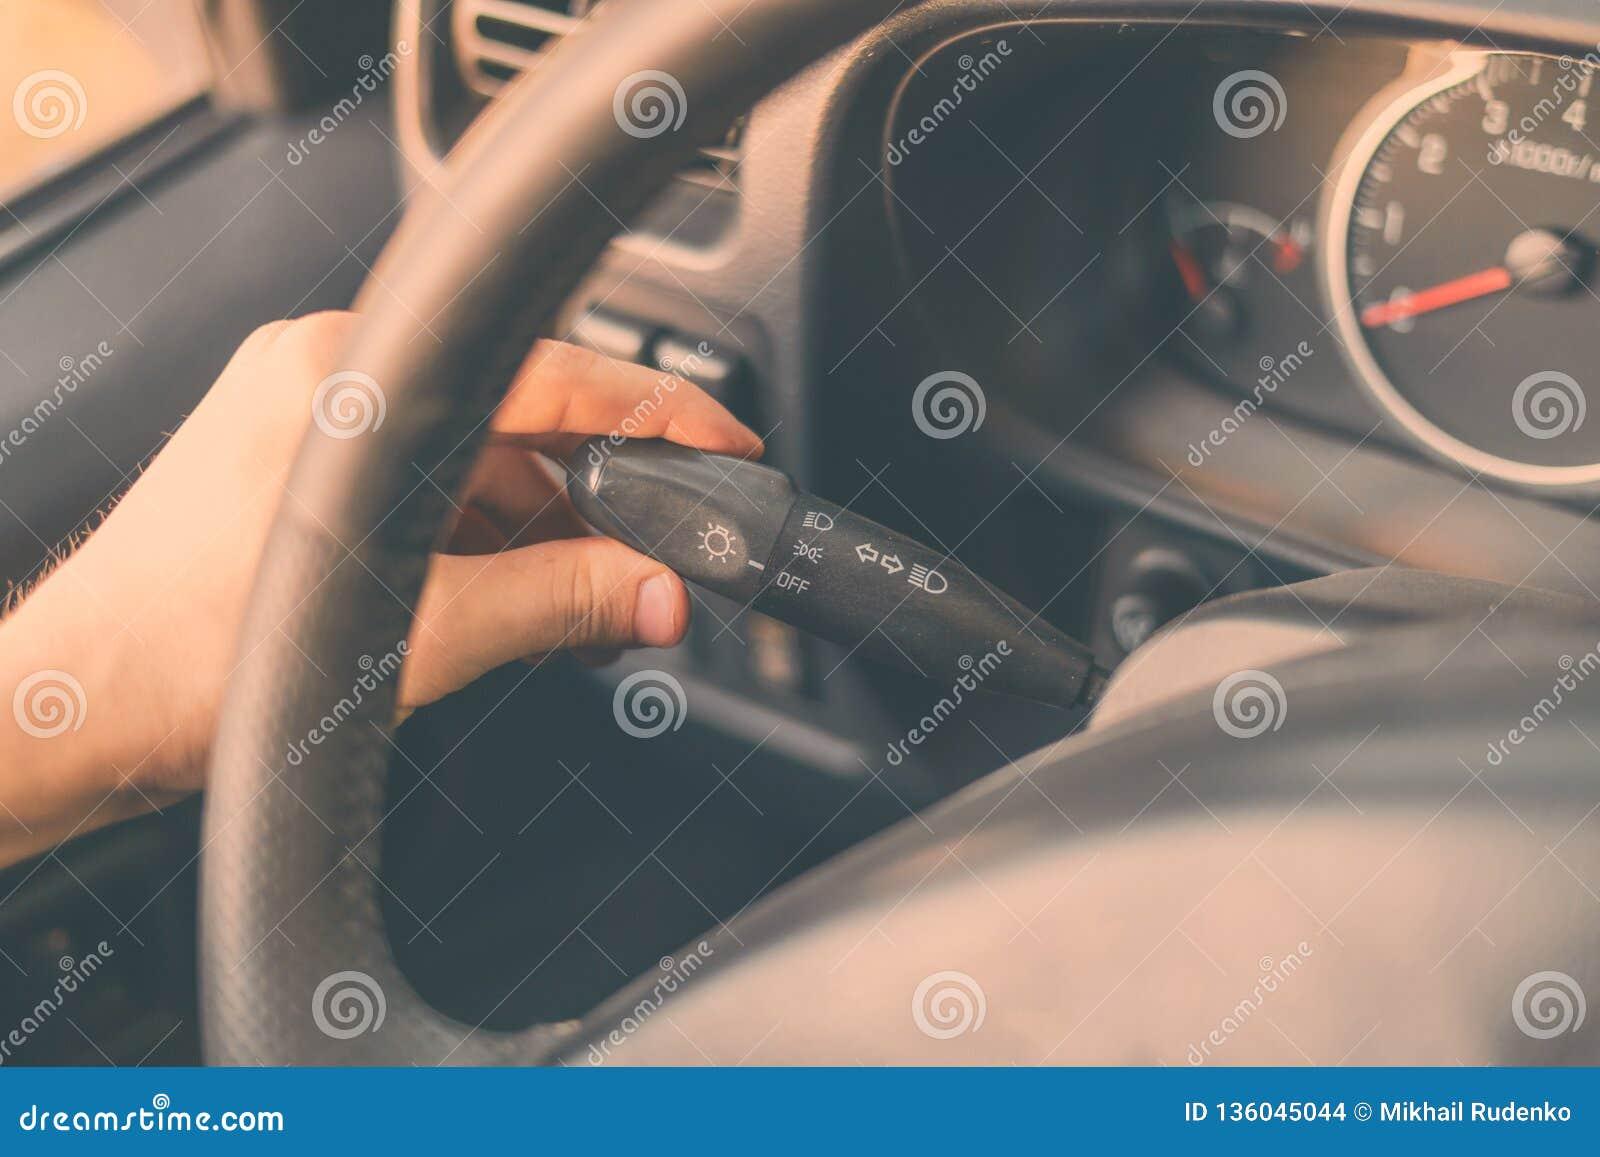 Η διαδικασία του αυτοκινήτου ρύθμισης για την κίνηση άνεσης και ανοίγει το γυρίζοντας ελαφρύ β